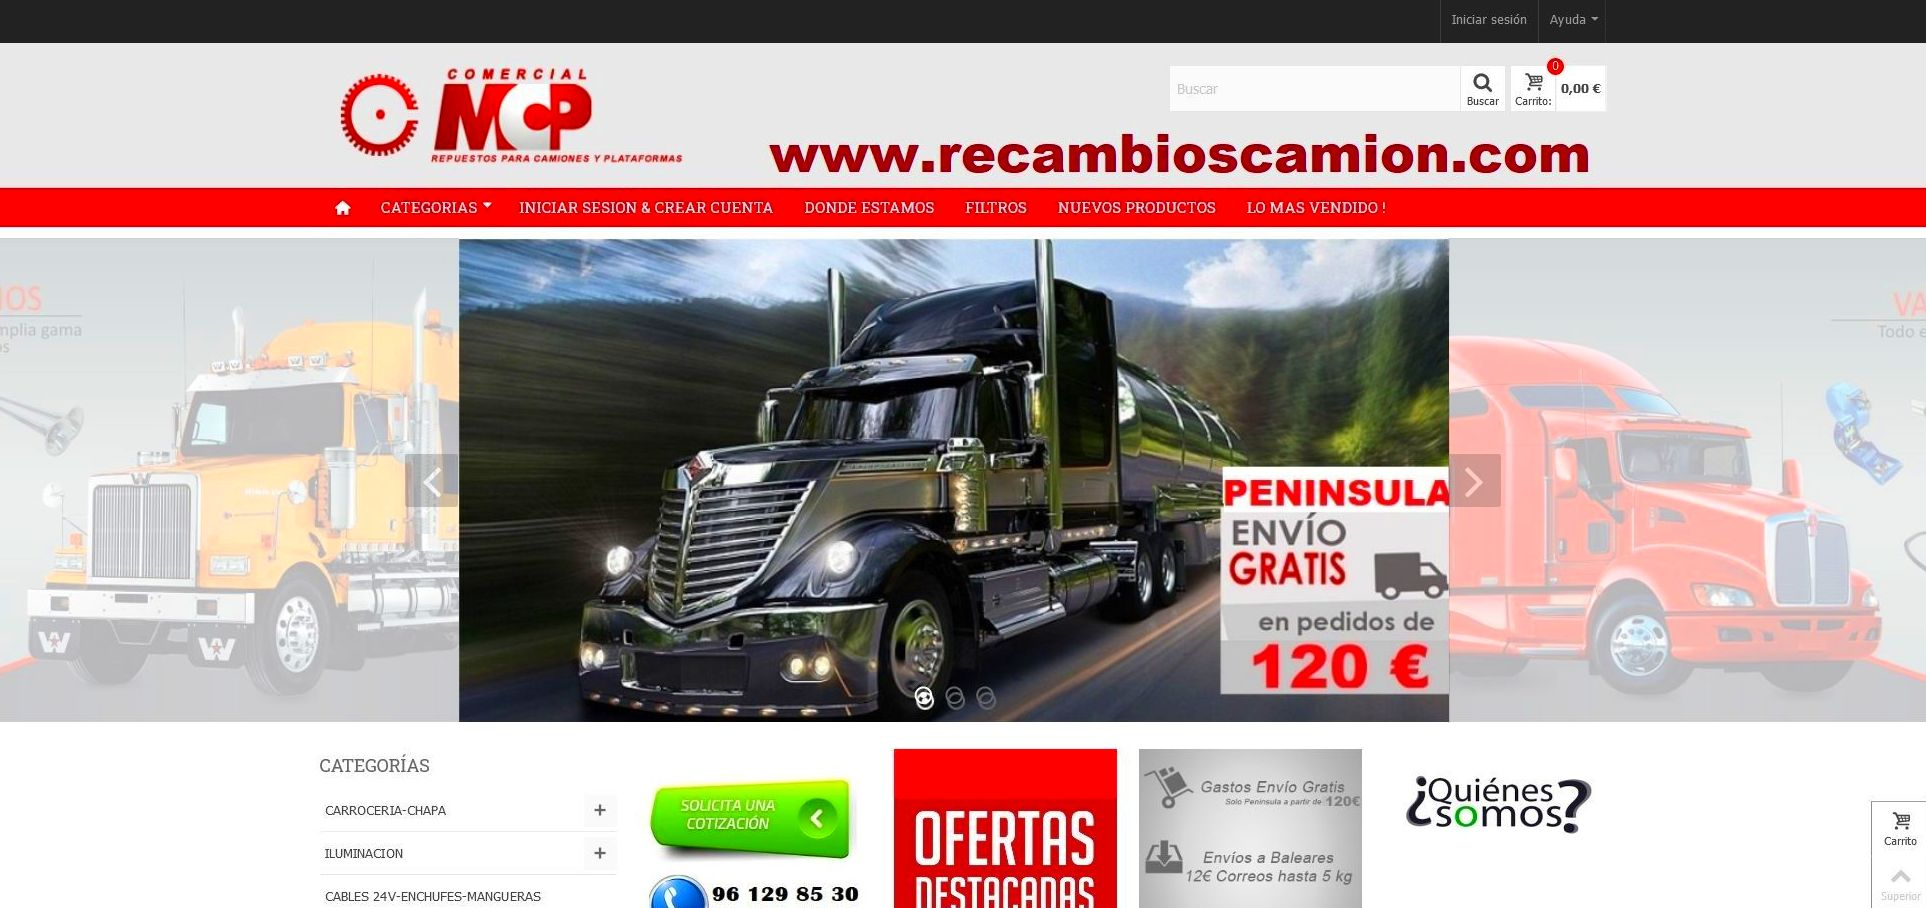 Foto 17 de Recambios y accesorios de todas las marcas para camiones y remolques en Cuart de Poblet | MCP